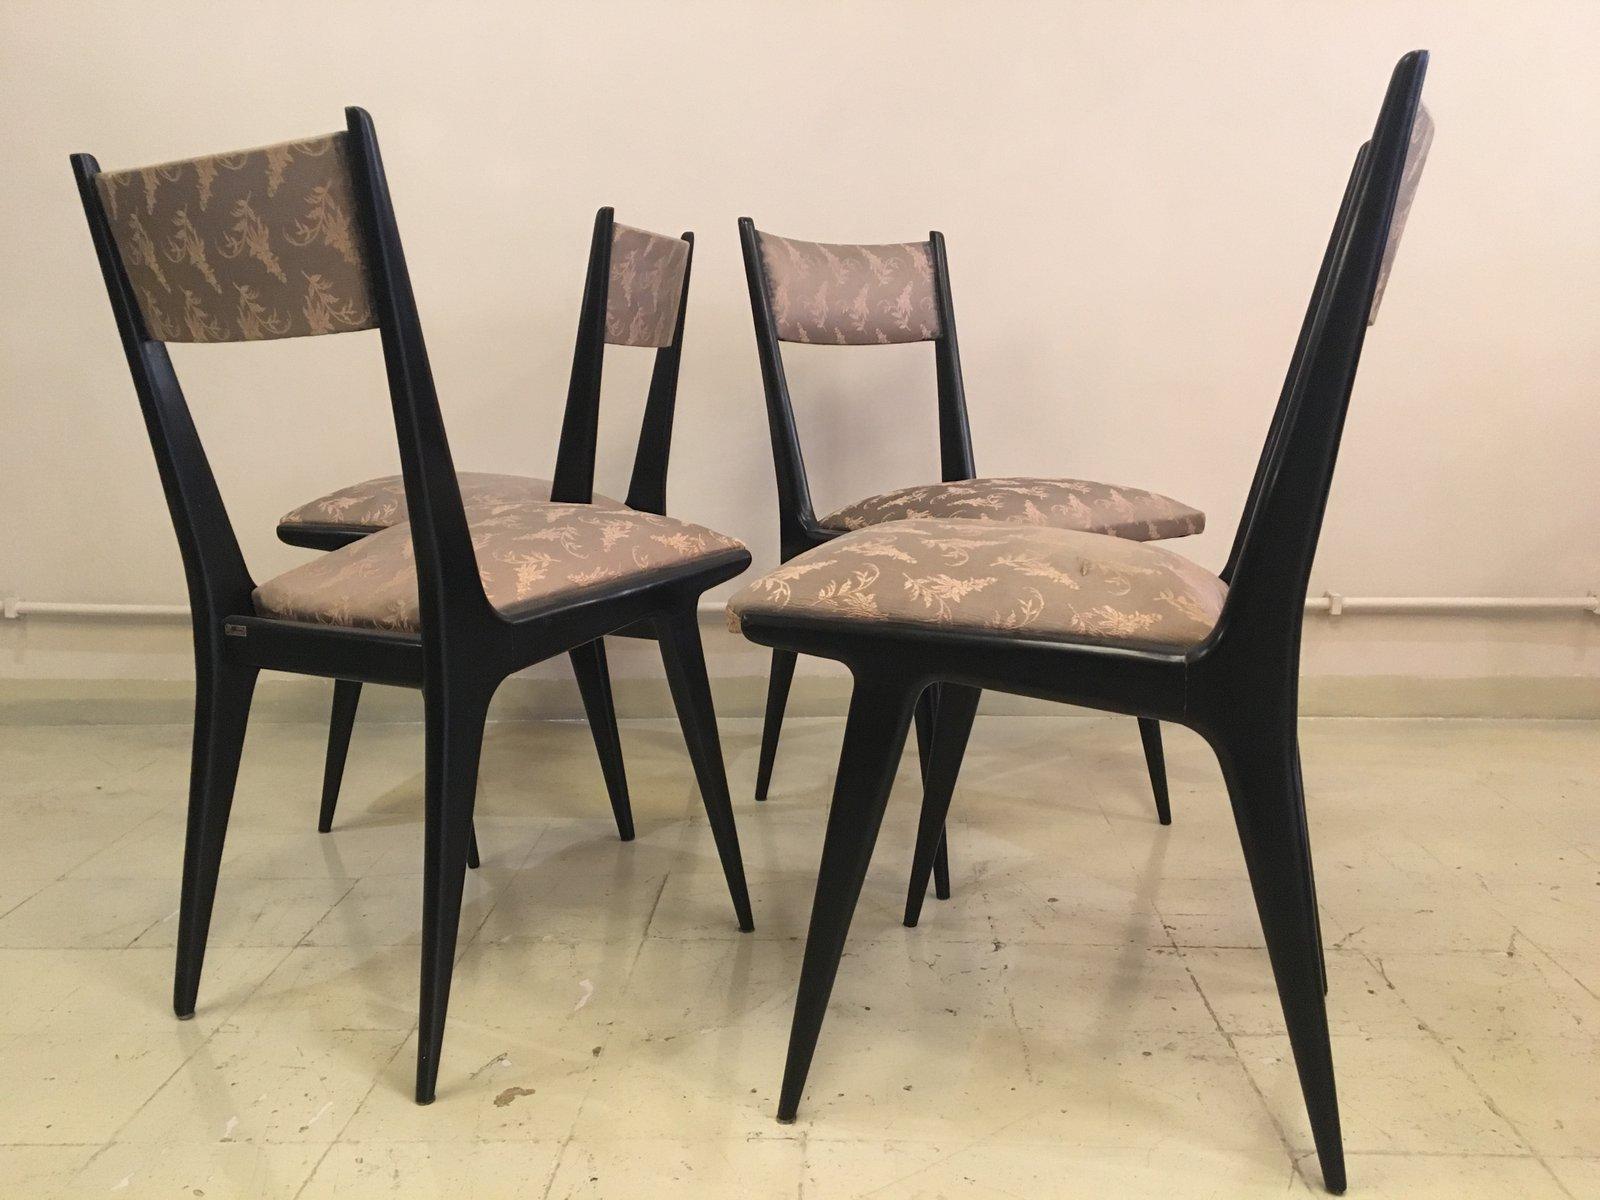 vintage esszimmerst hle von silvio cavatorta 4er set bei. Black Bedroom Furniture Sets. Home Design Ideas